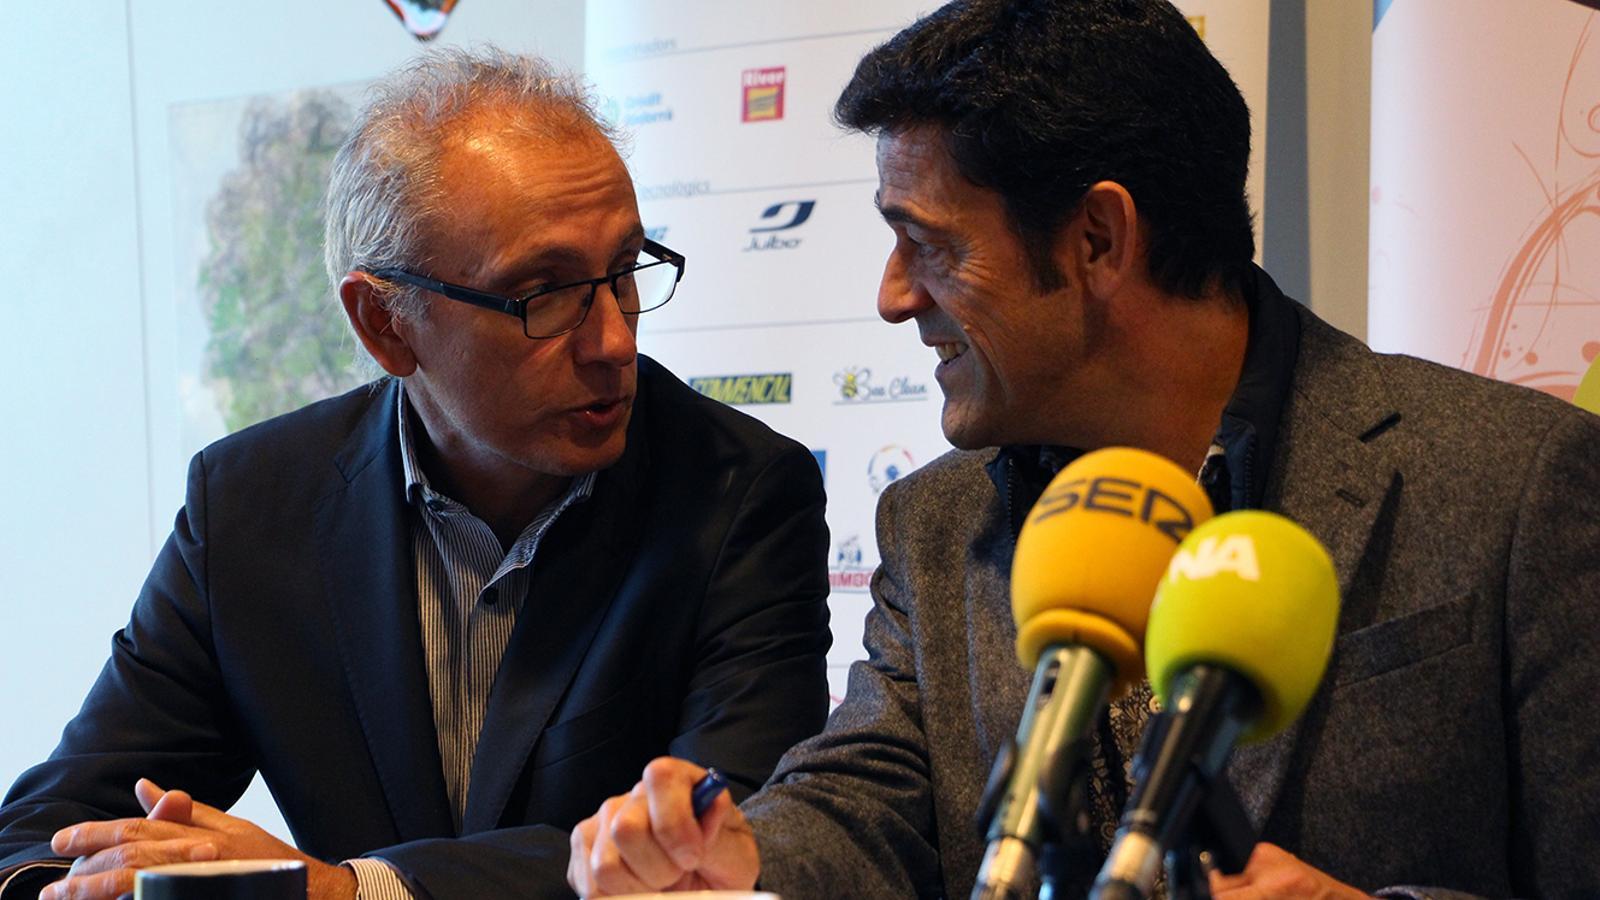 El ministre de Turisme, Francesc Camp, i el cònsol major d'Ordino, Josep Àngel Mortés, durant la roda de premsa de presentació de balanç de l'Andorra Ultra Trail Vallnord 2018. / M. M. (ANA)